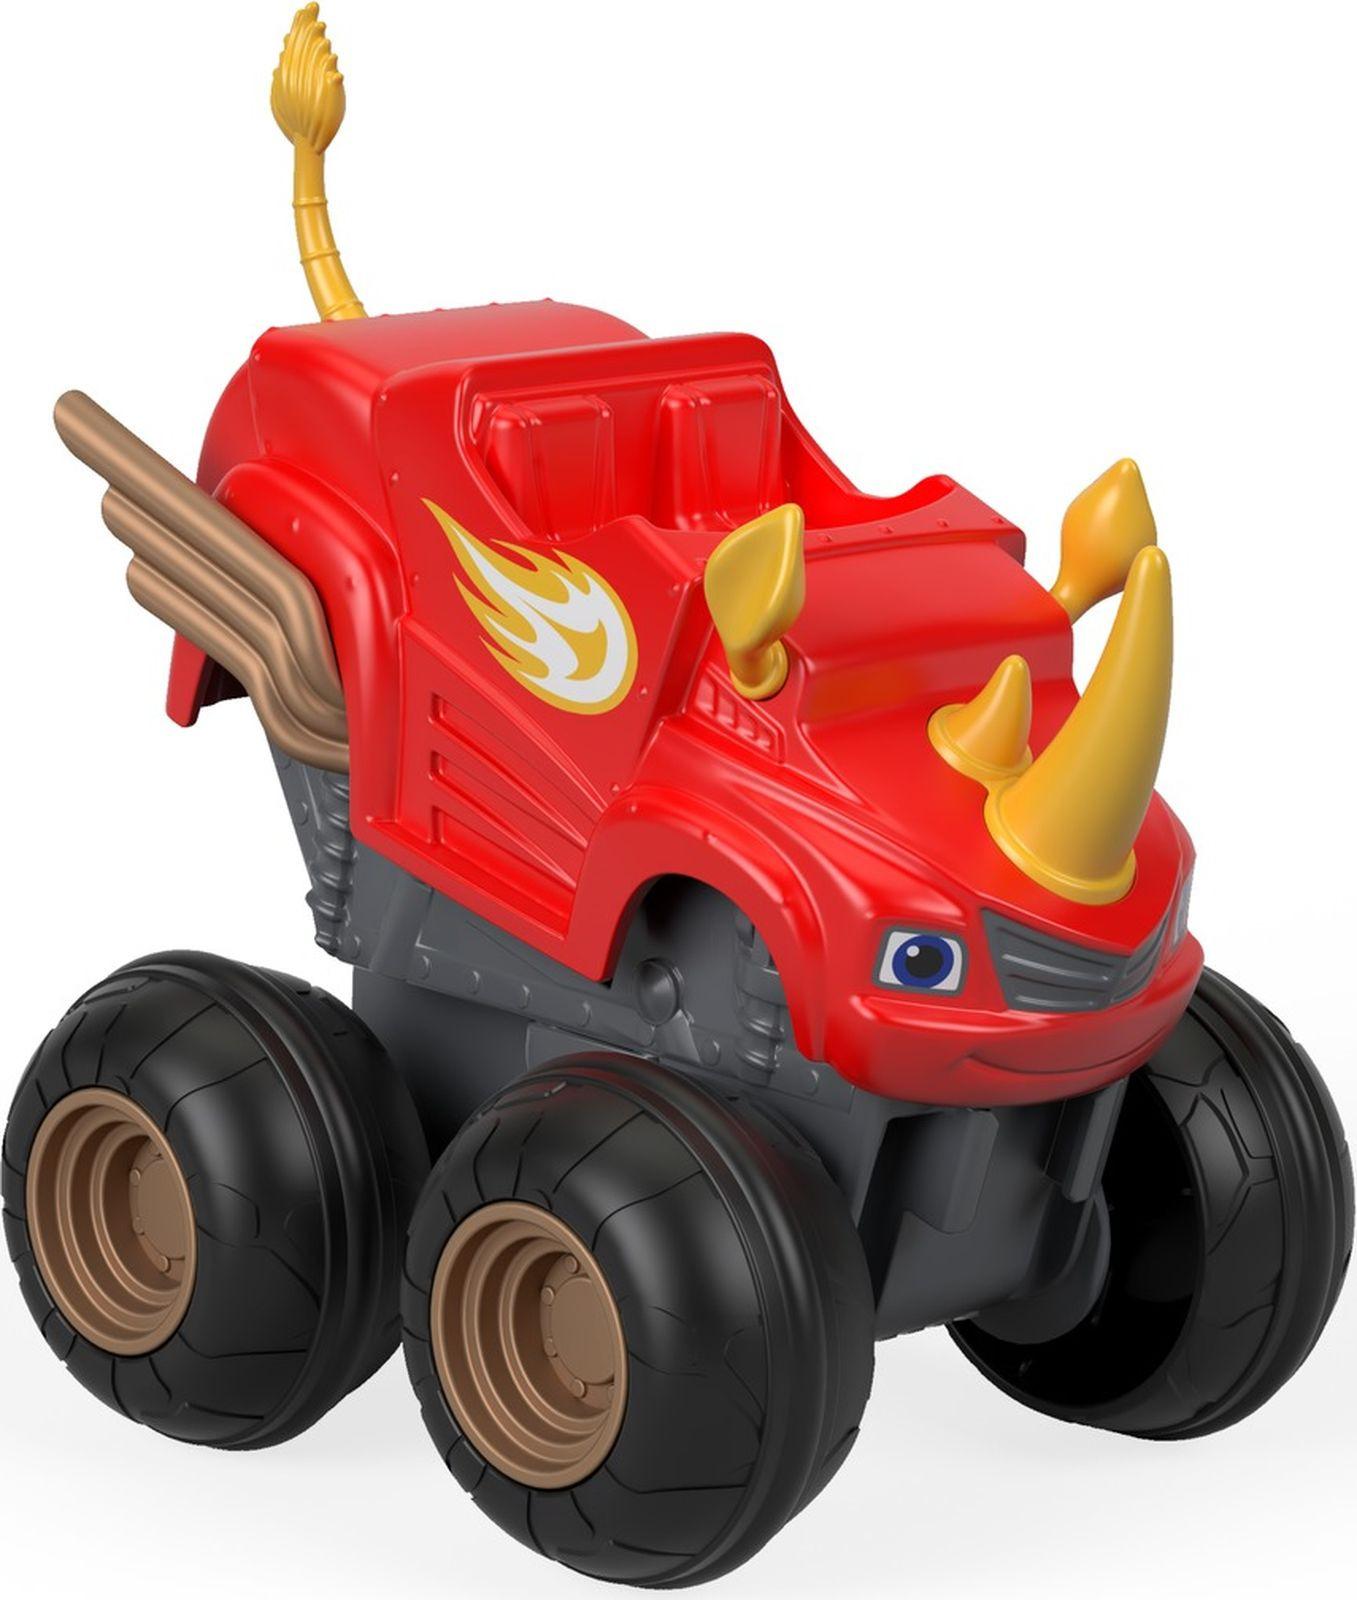 Машинка Blaze Гоночный внедорожник Вспыш, CGK22_FHV04 blaze машинка огурчик dtk29